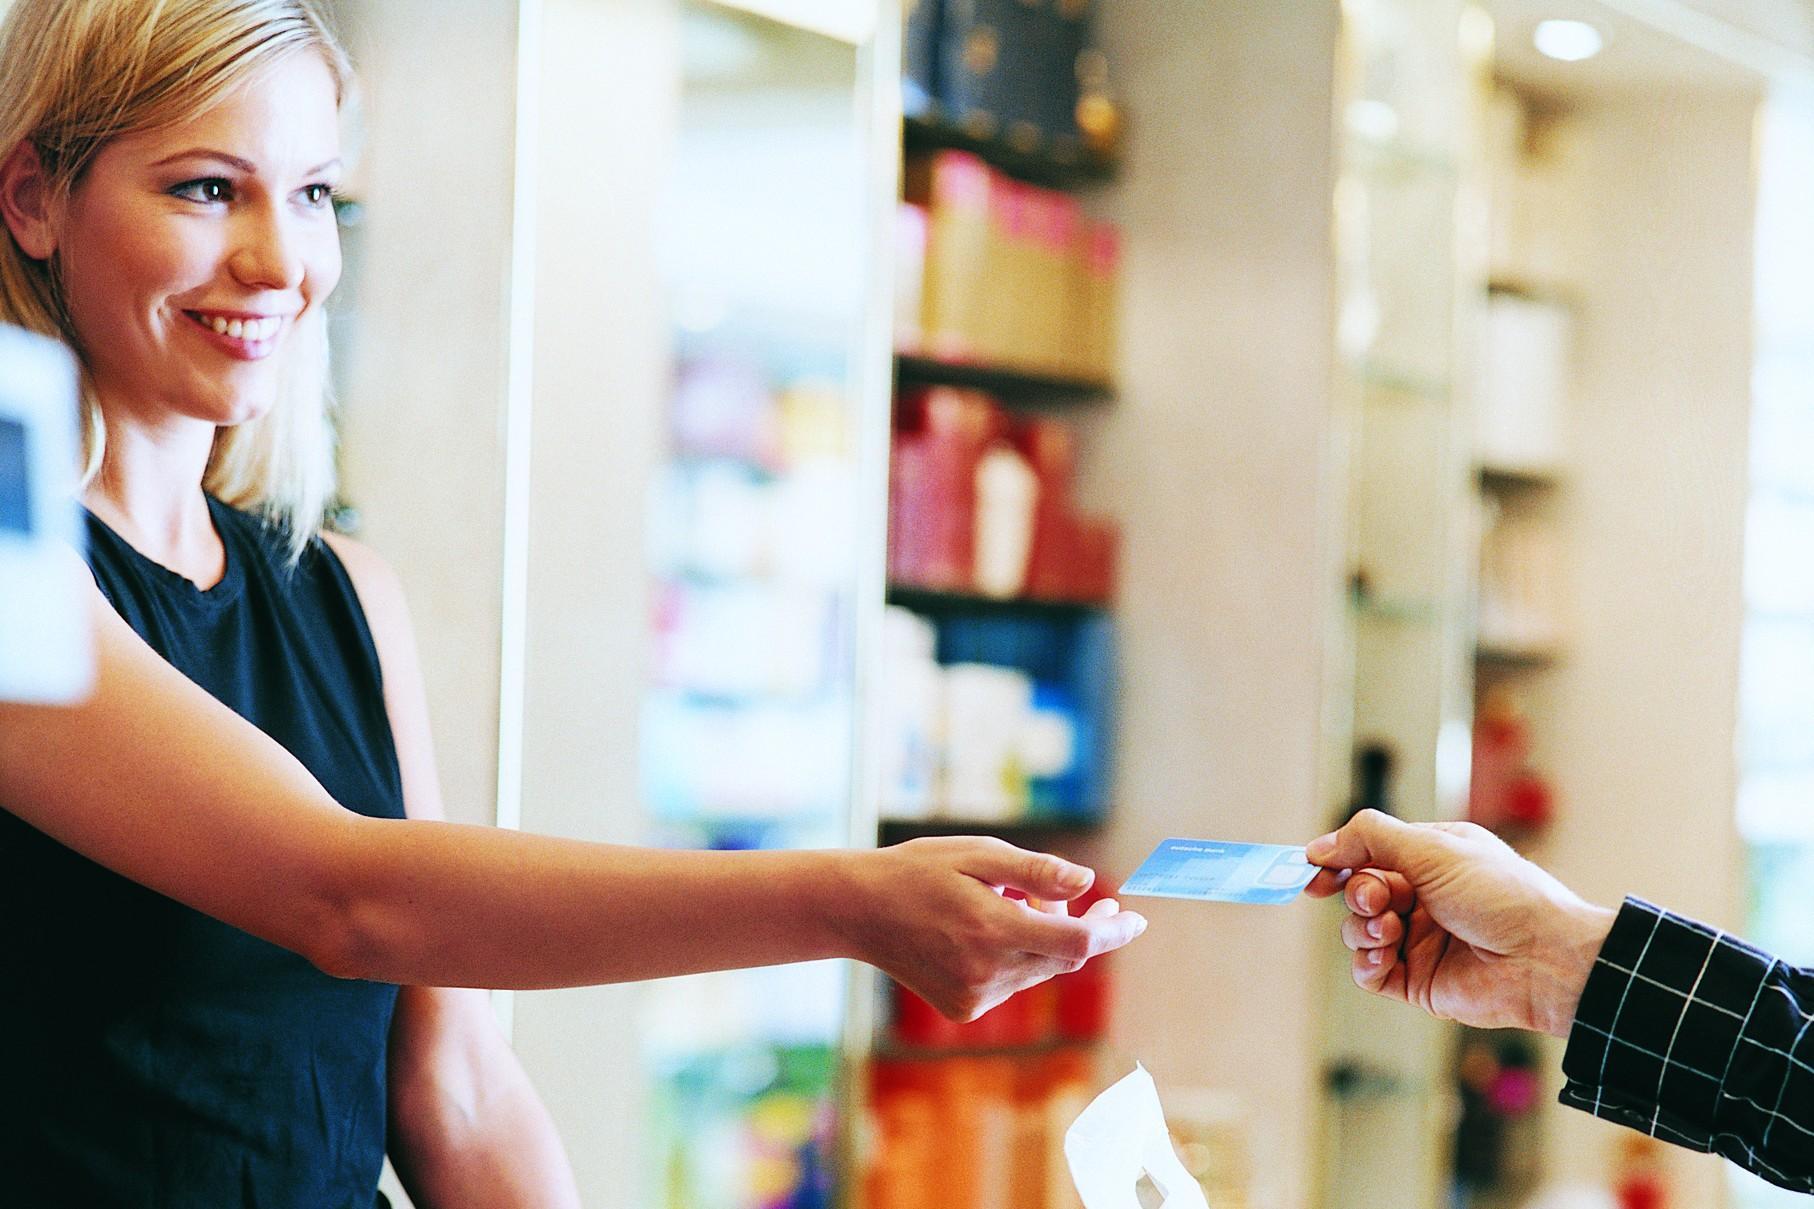 Oristano: Cercasi 20 addetti vendita/commesso per Centro grande distribuzione